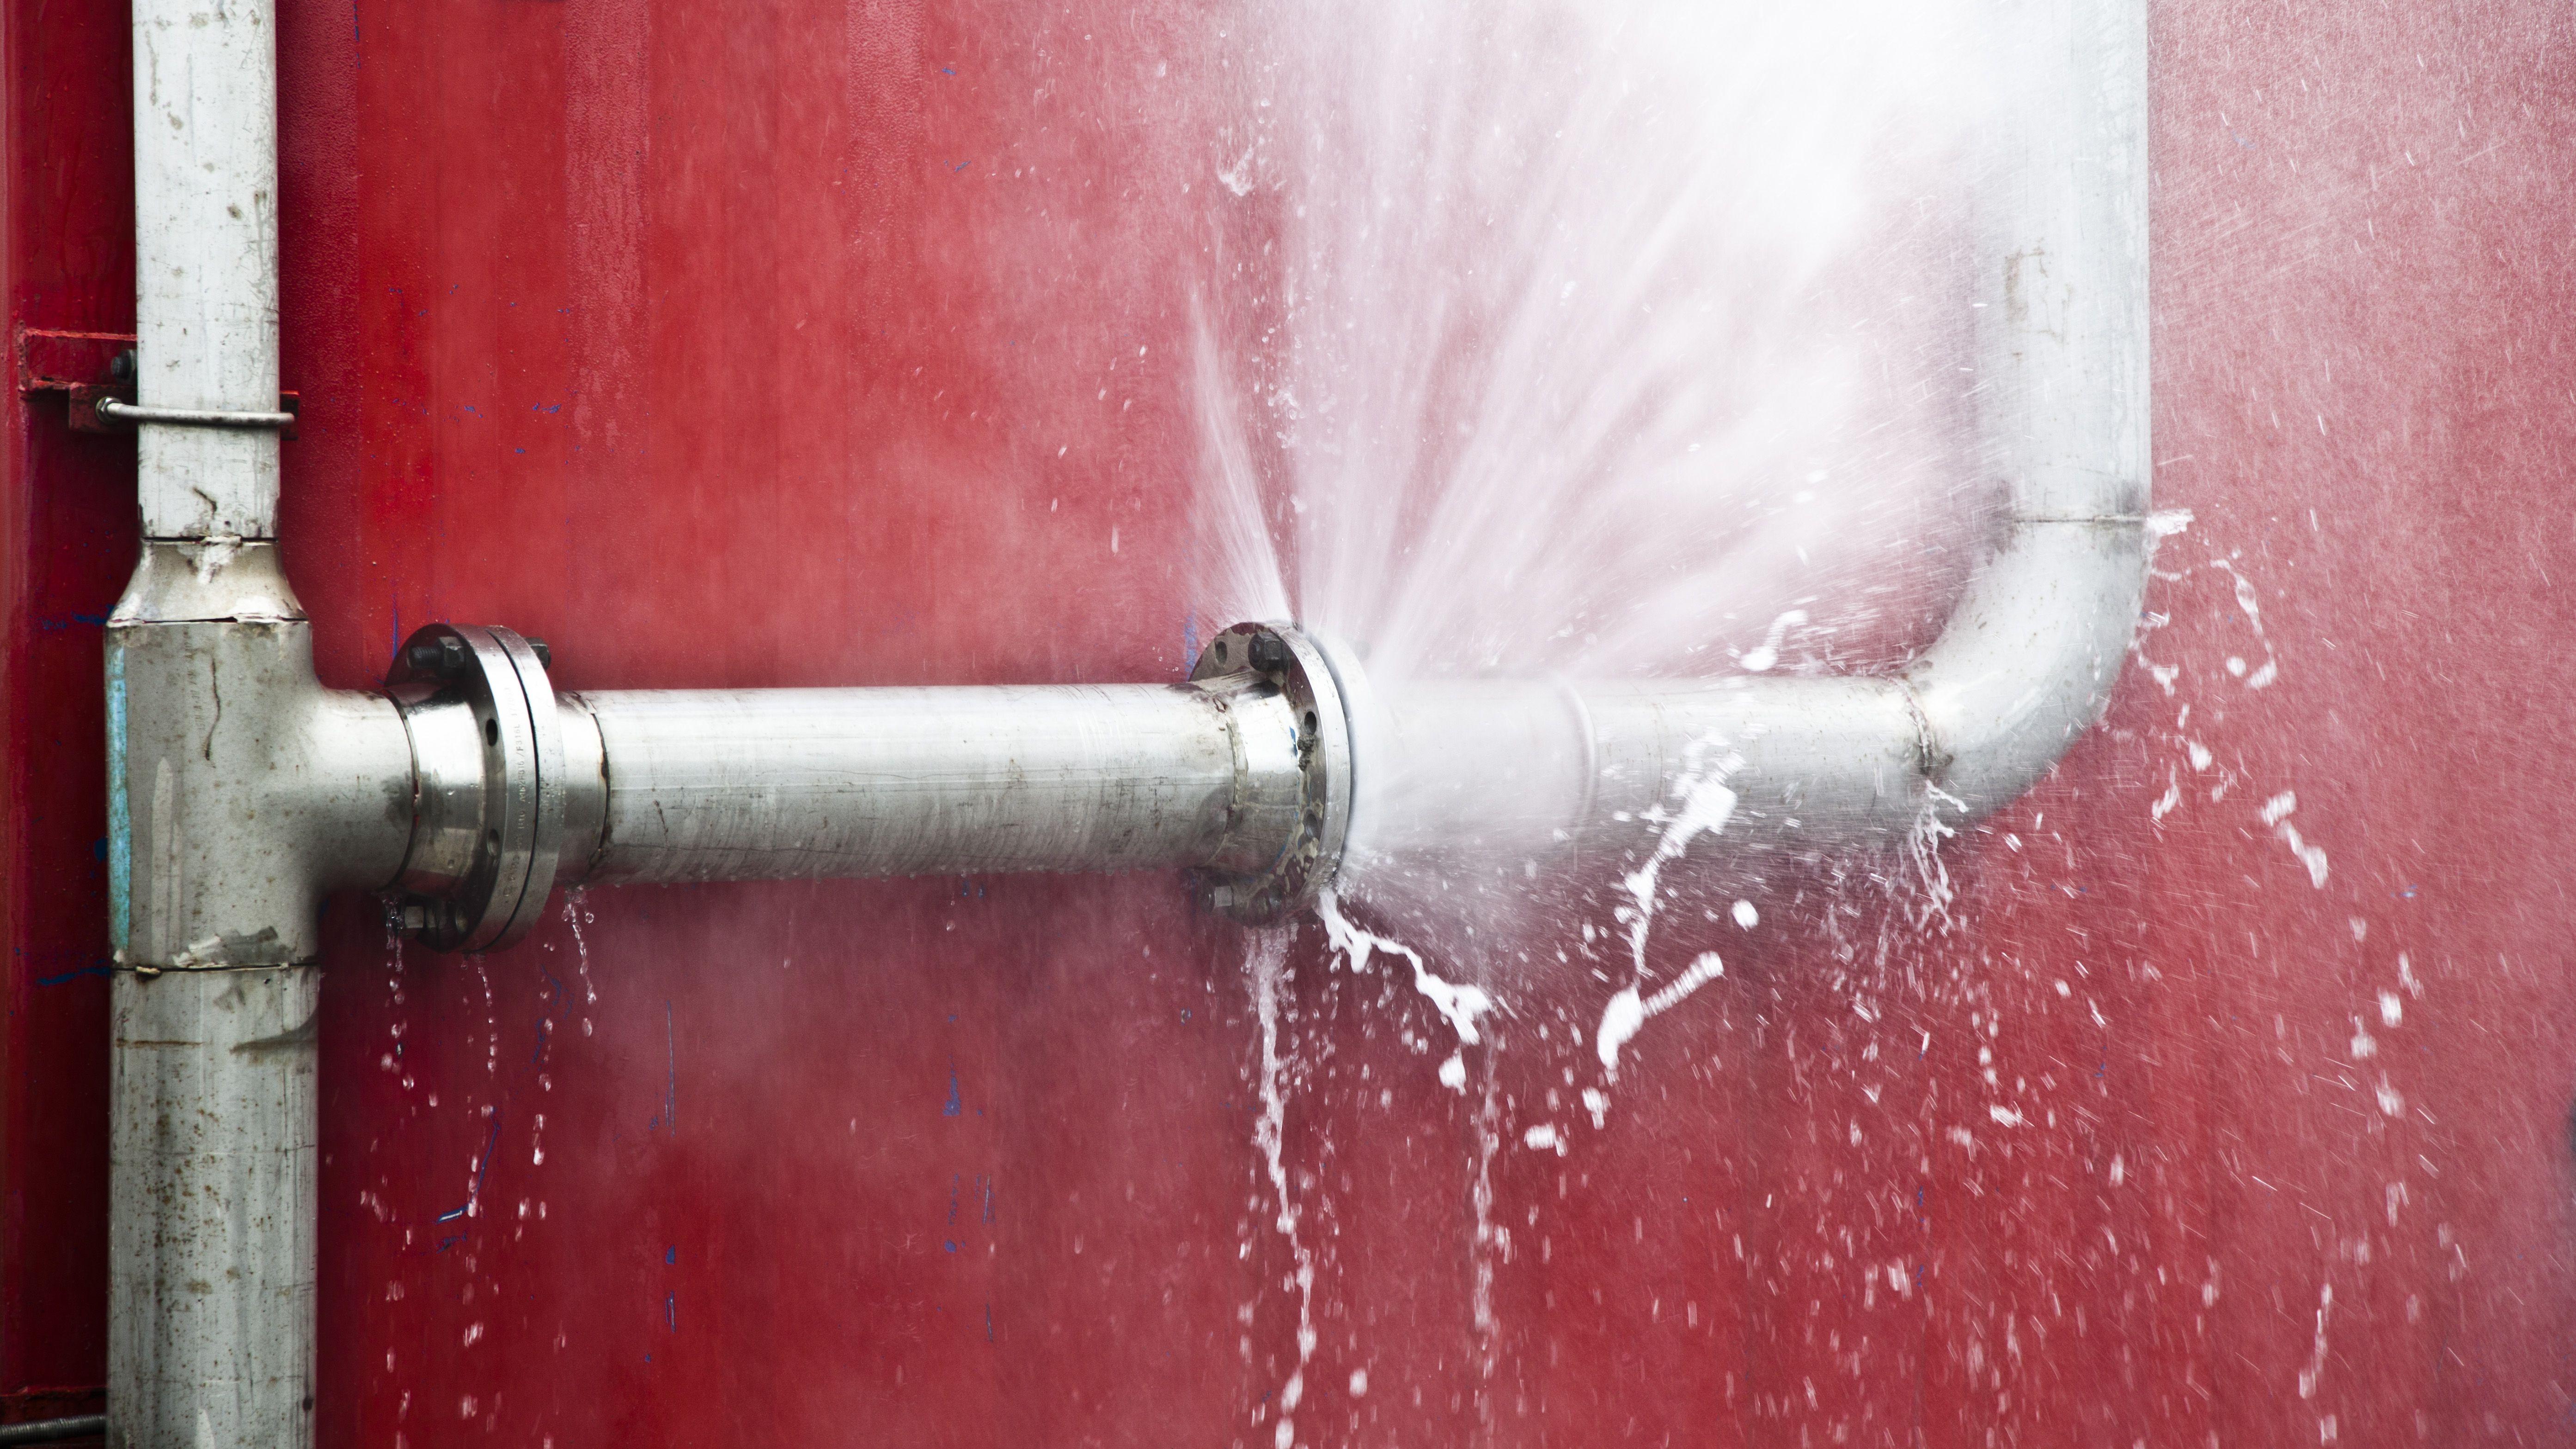 Reparaciones urgentes de fontanería en Huelva